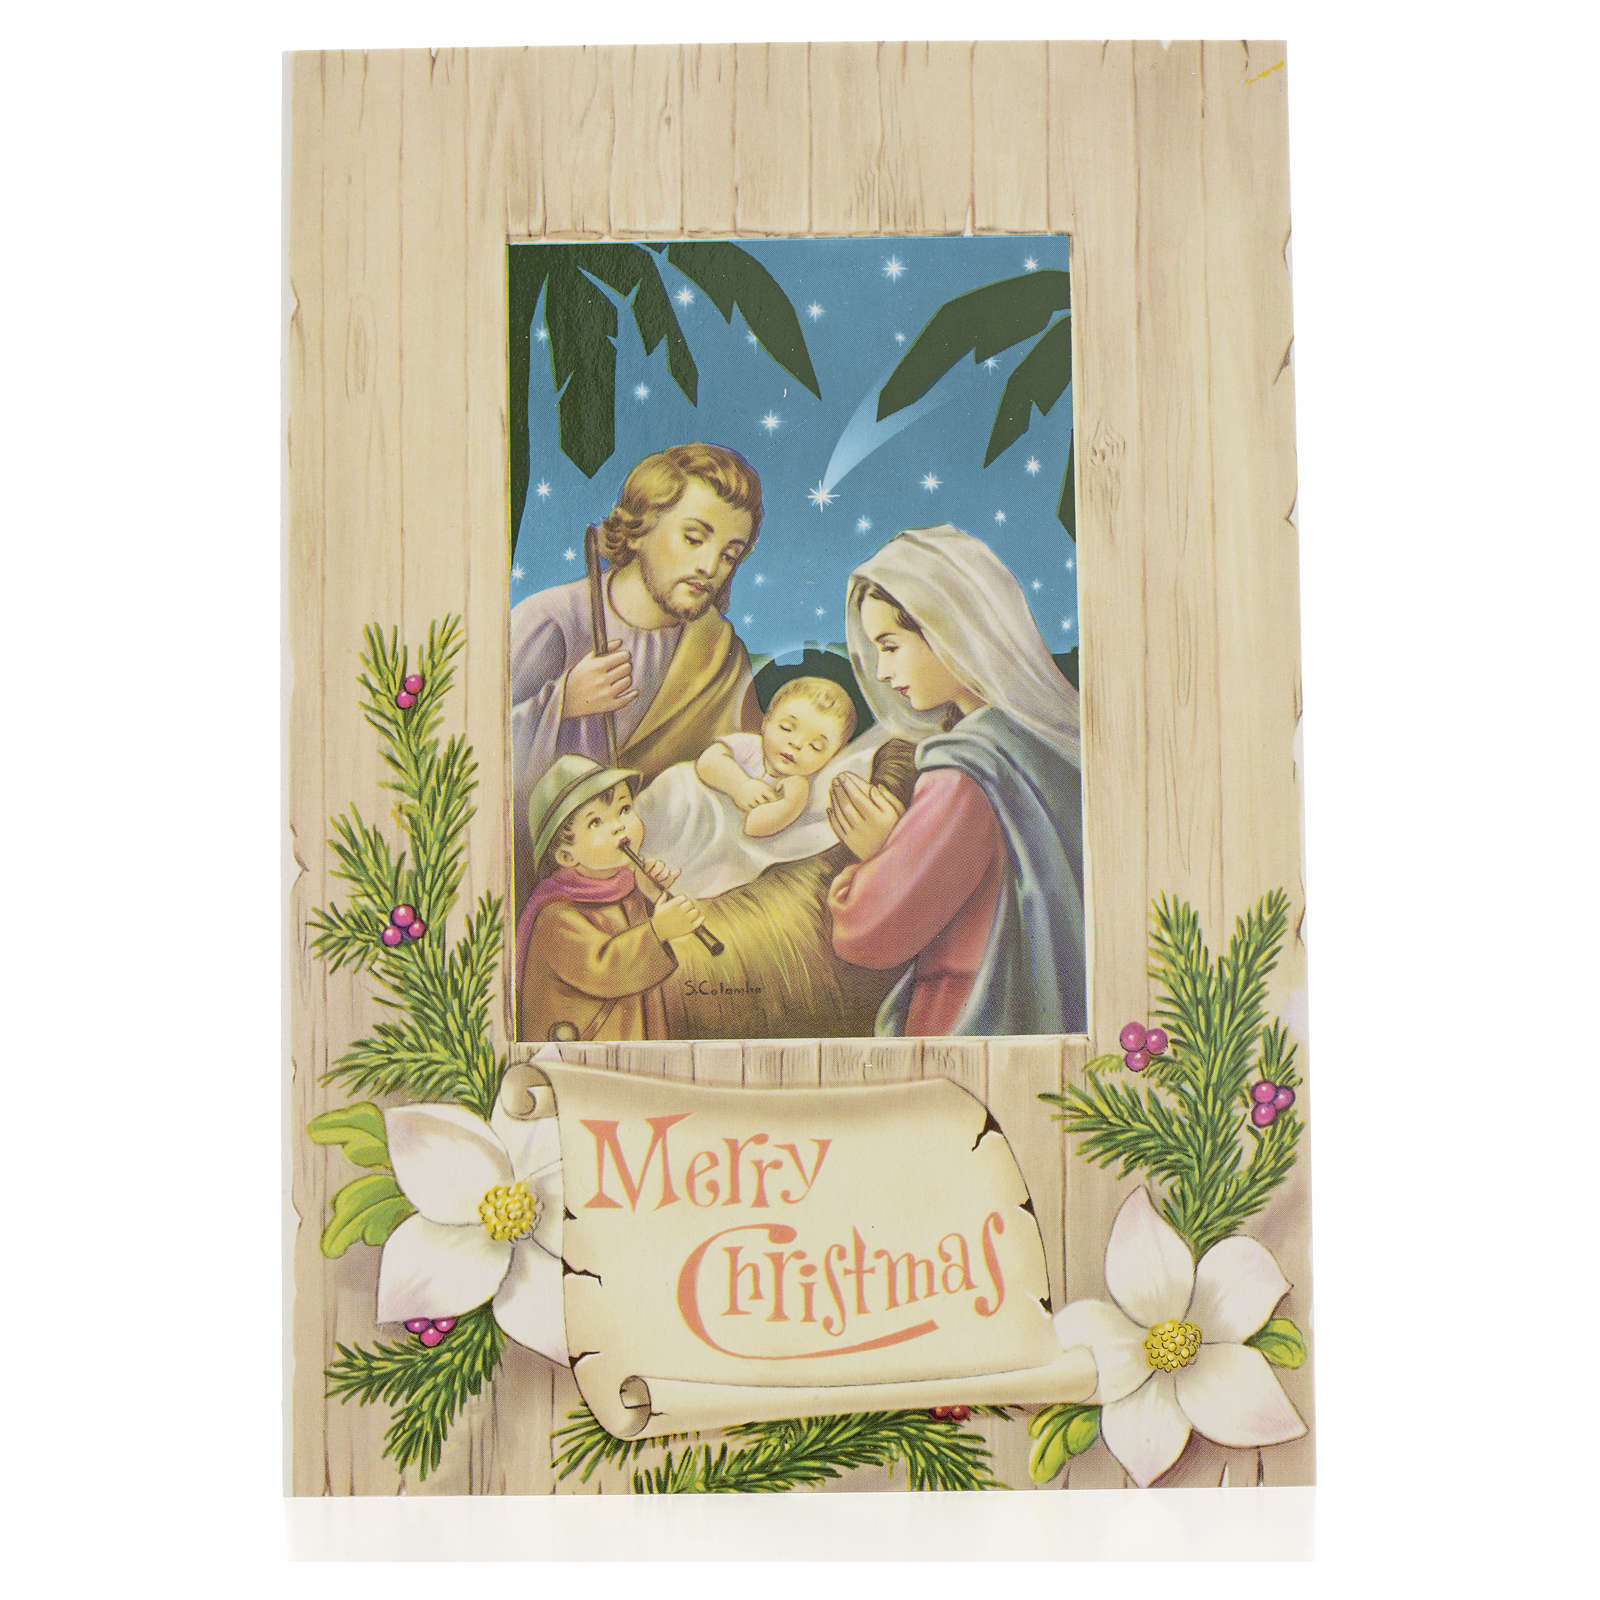 Cartão de Natal Sagrada Família Merry Christmas 4